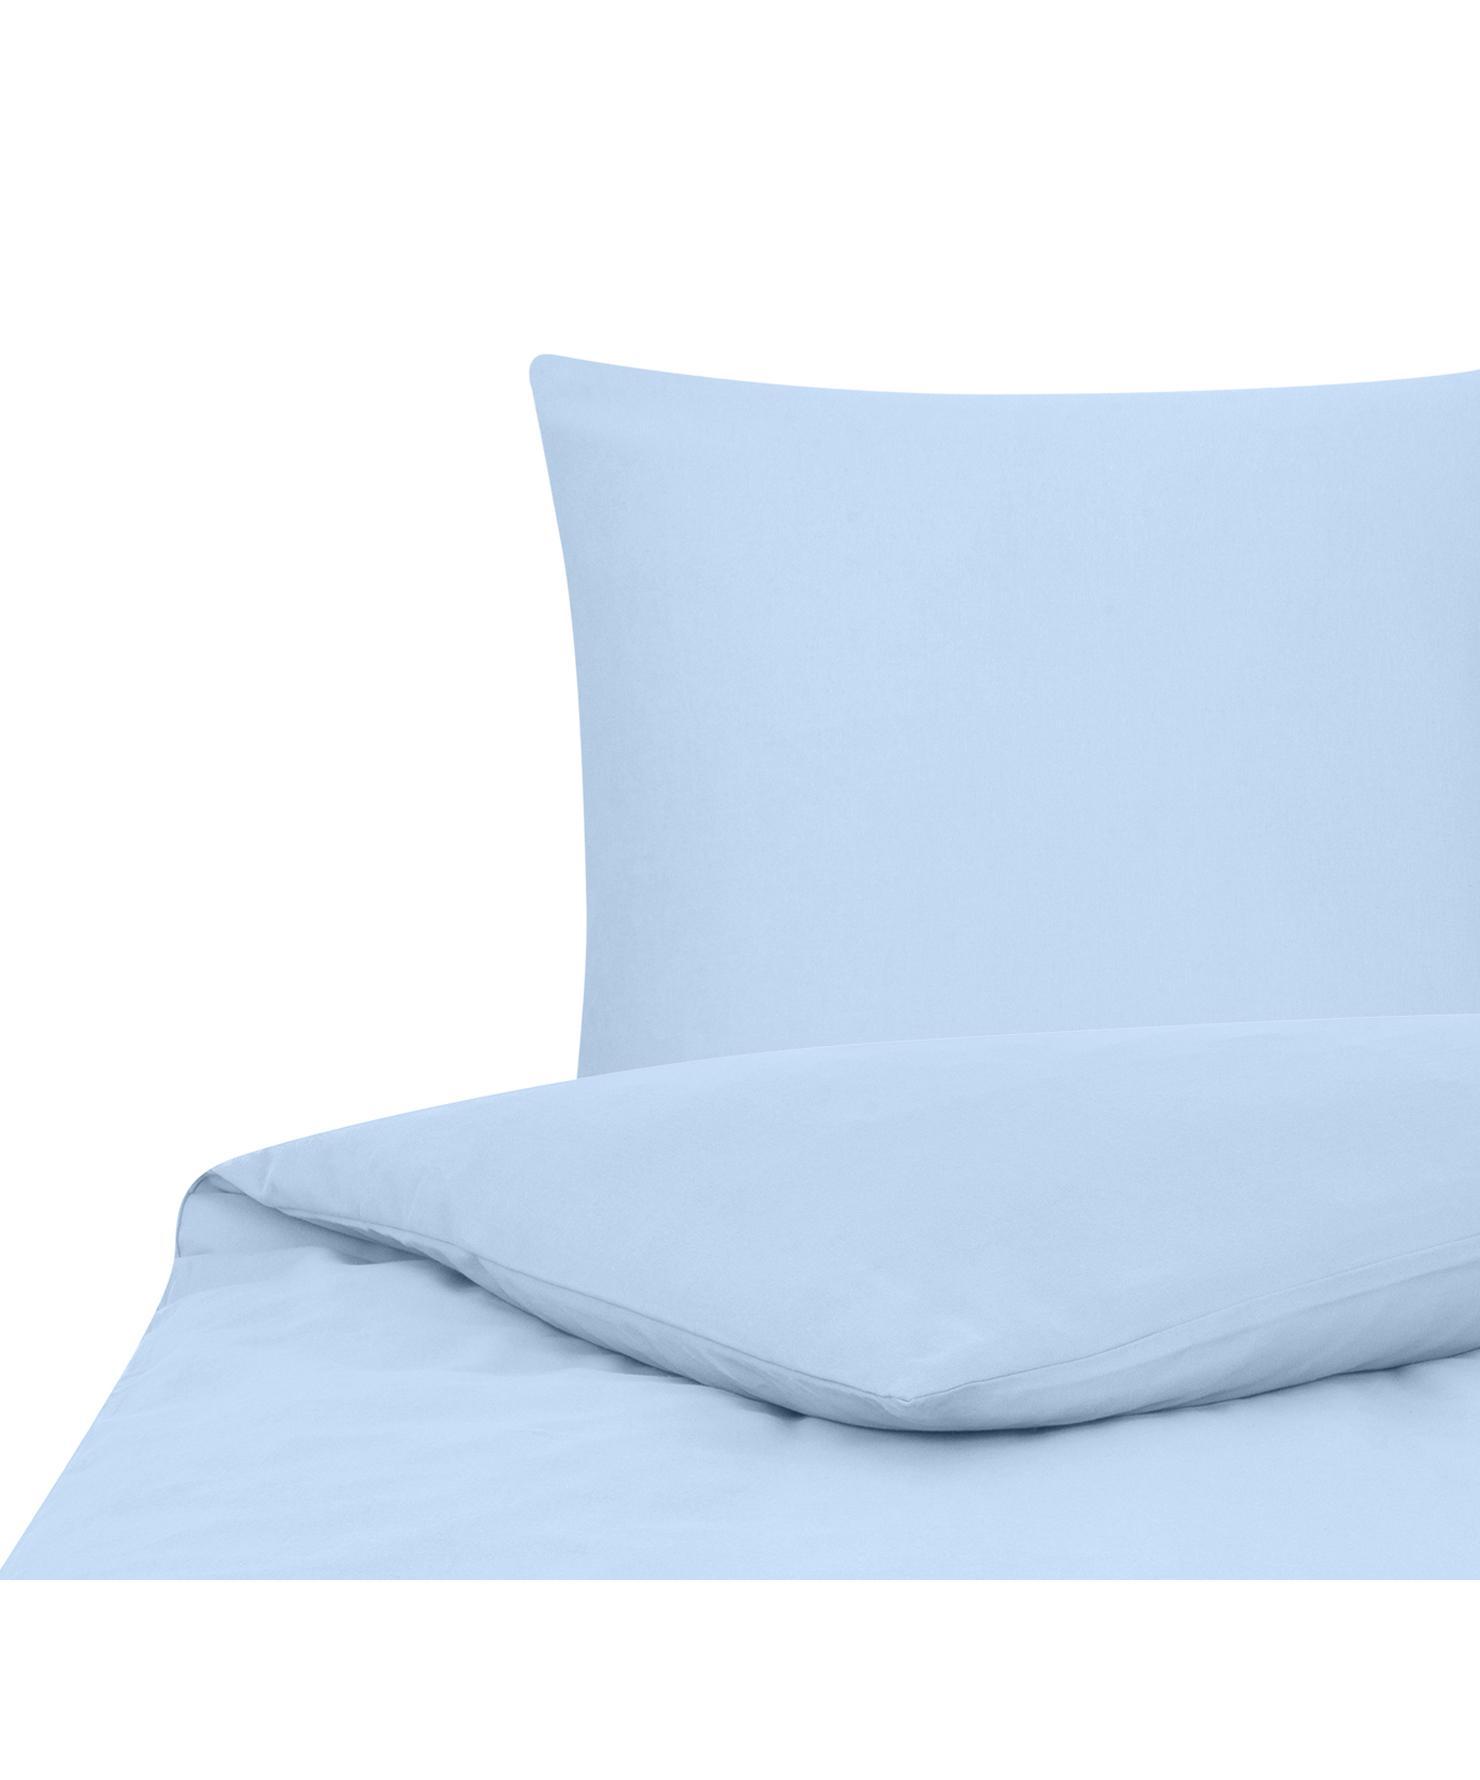 Flanell-Bettwäsche Biba in Hellblau, Webart: Flanell Flanell ist ein s, Hellblau, 135 x 200 cm + 1 Kissen 80 x 80 cm